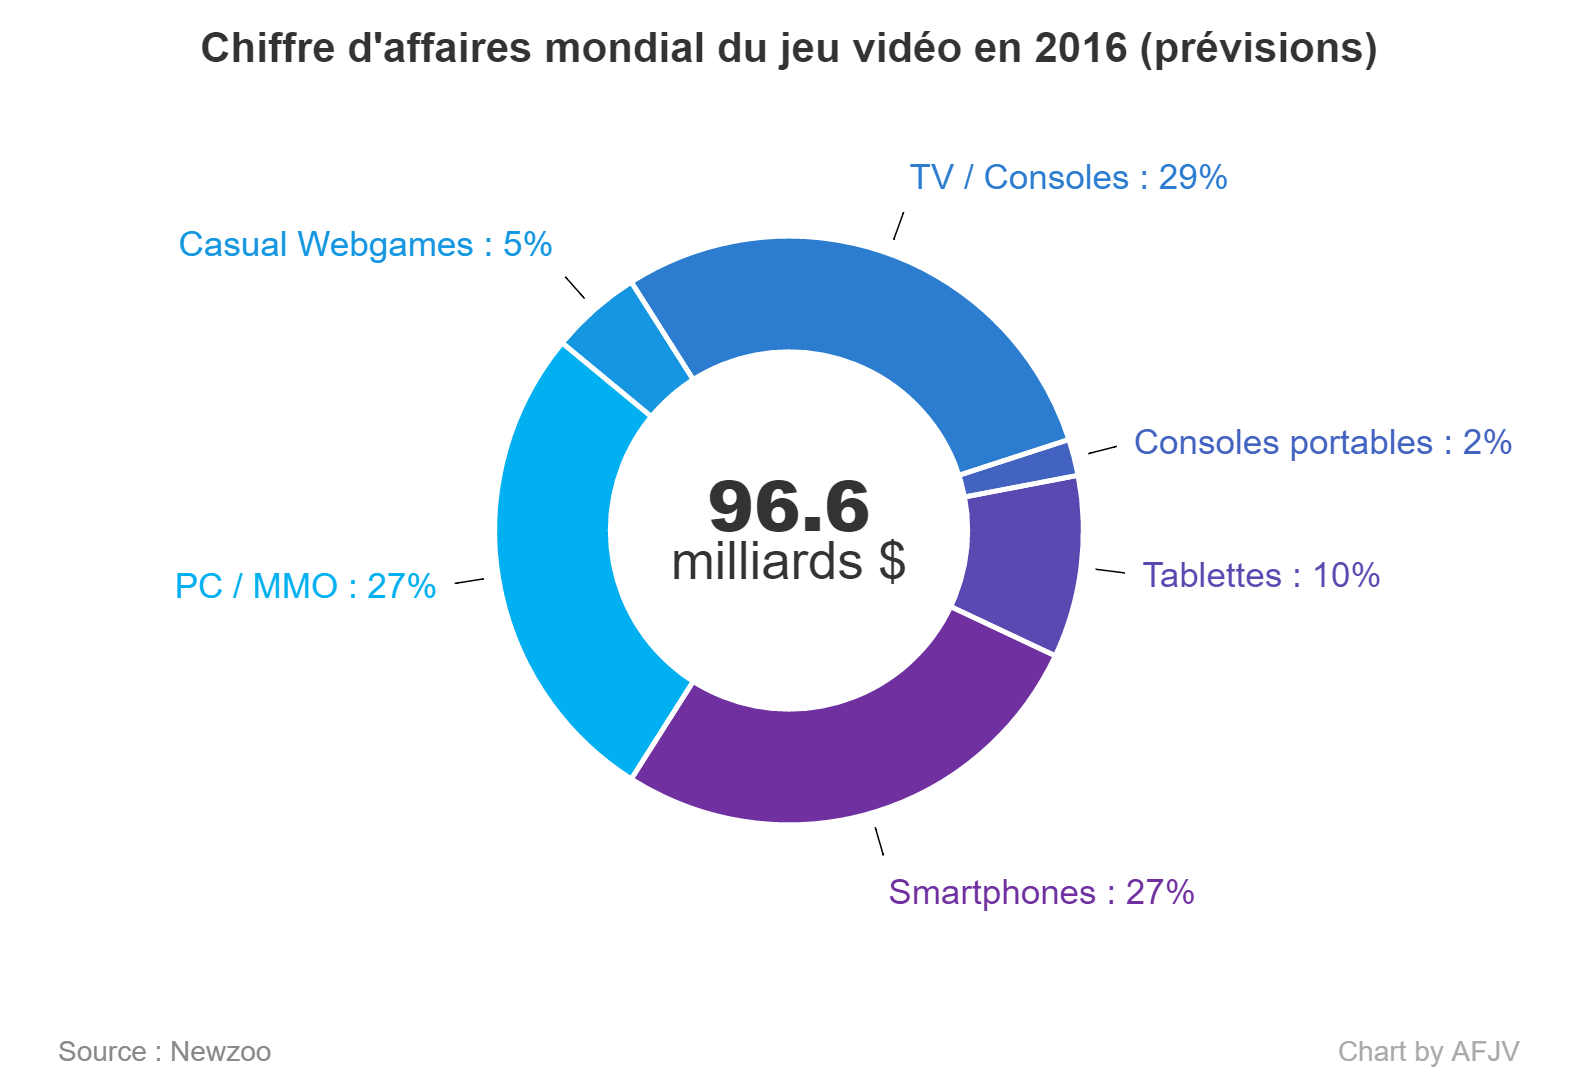 Chiffre d'affaire mondial du marché des jeux vidéo en 2016 (prévisions)